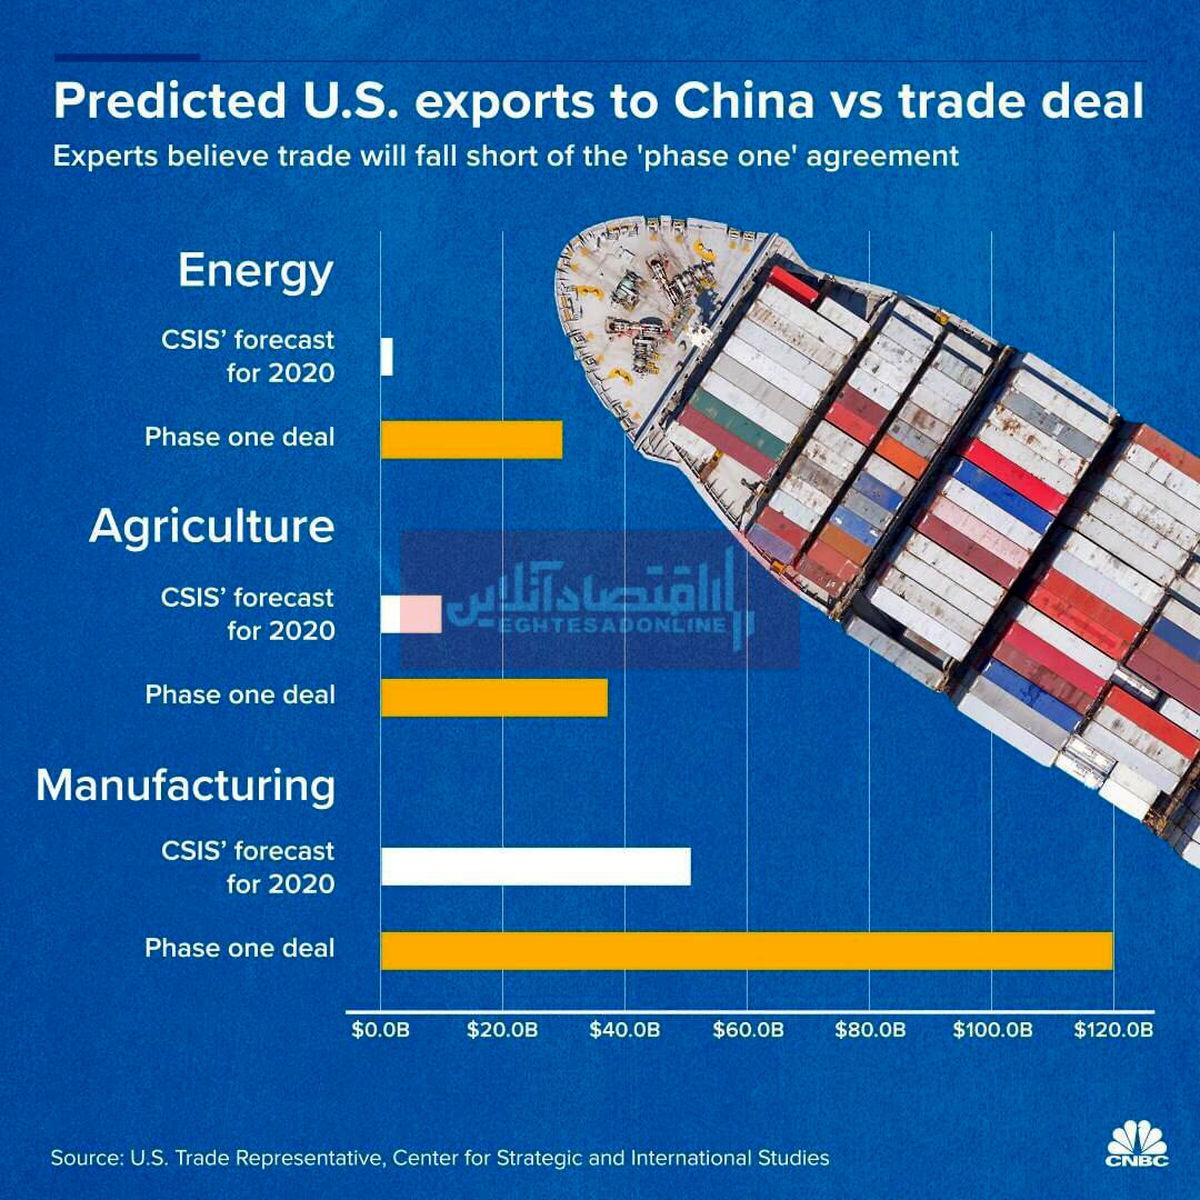 کرونا چقدر به تجارت آمریکا و چین صدمه میزند؟